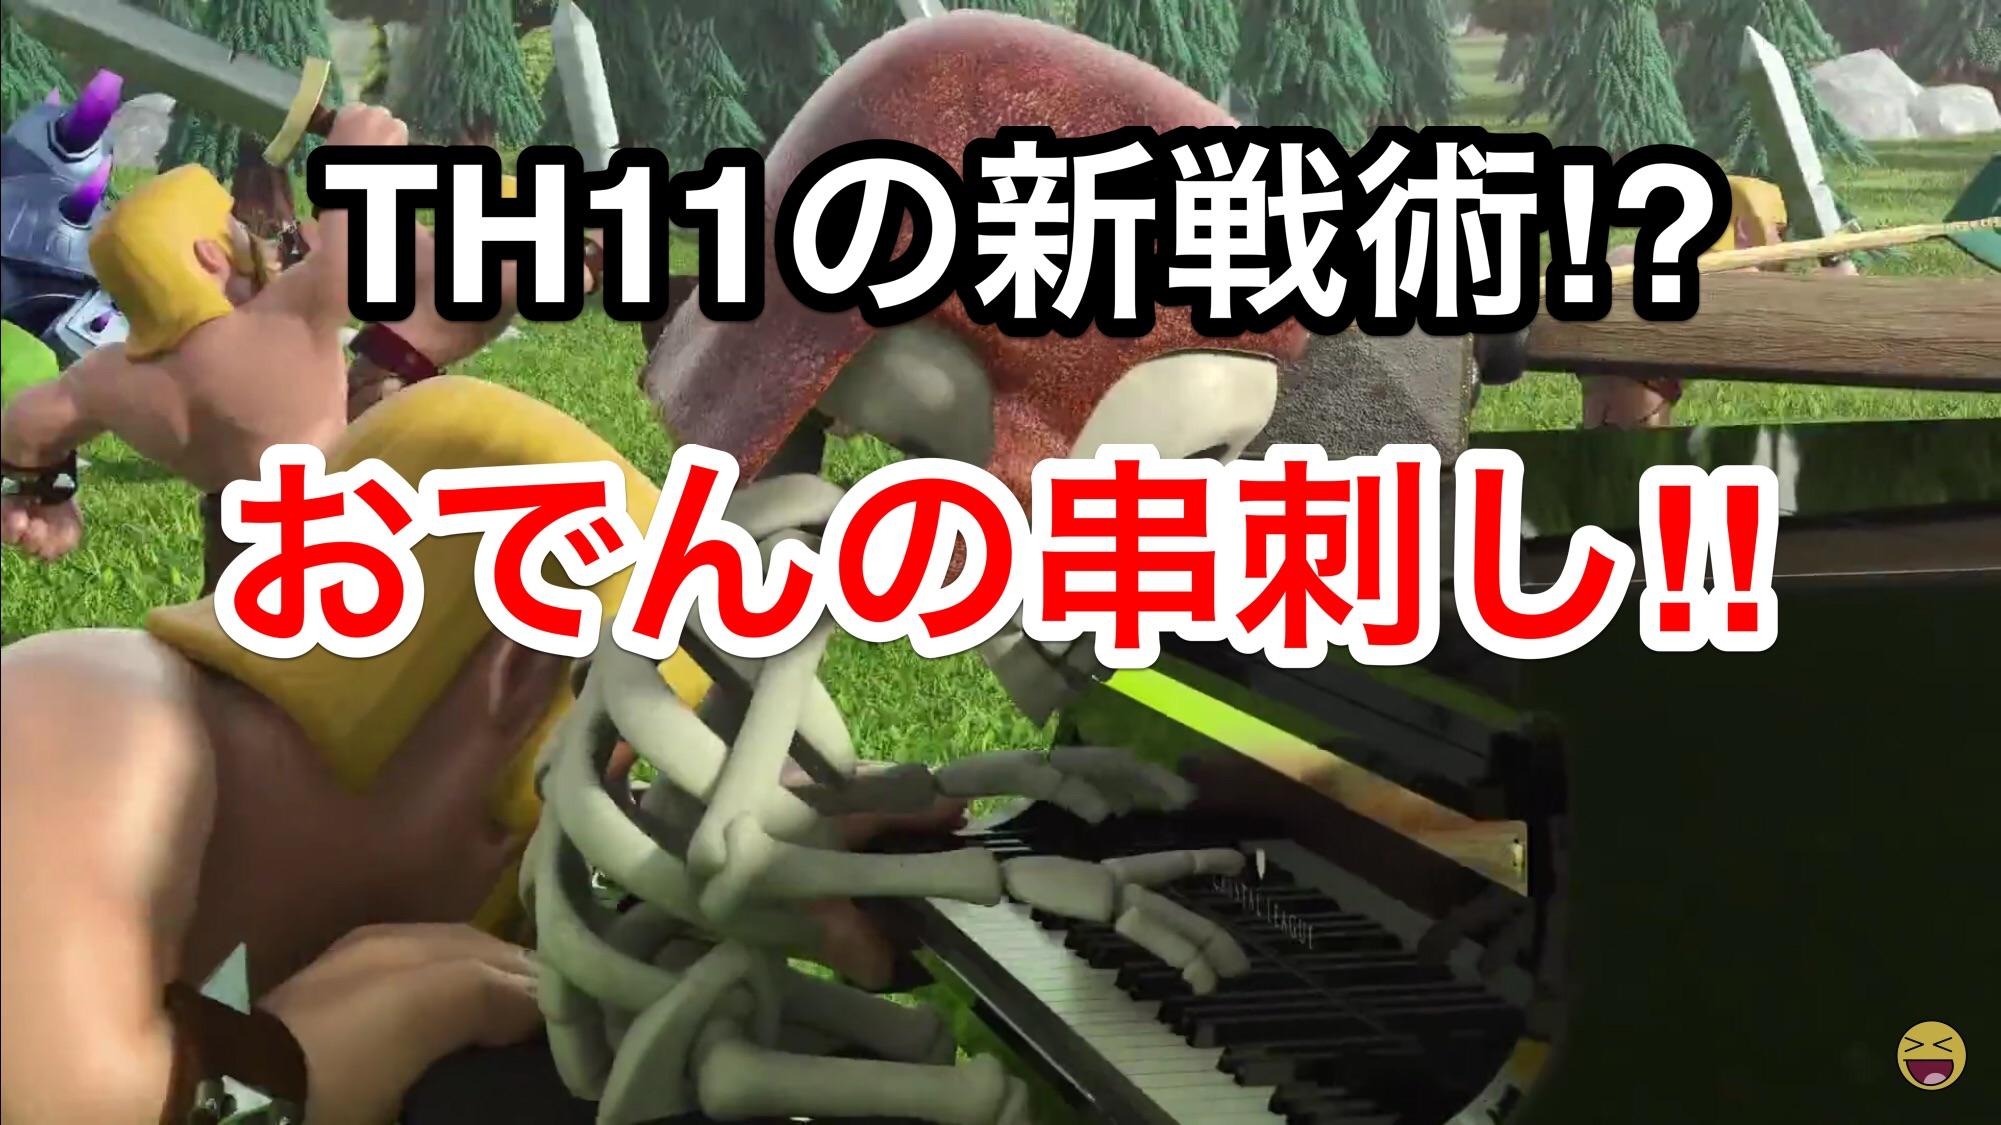 【クラクラ空攻め研究室】TH11の新戦術⁉︎『おでんの串刺し』陸の削りは進化している!